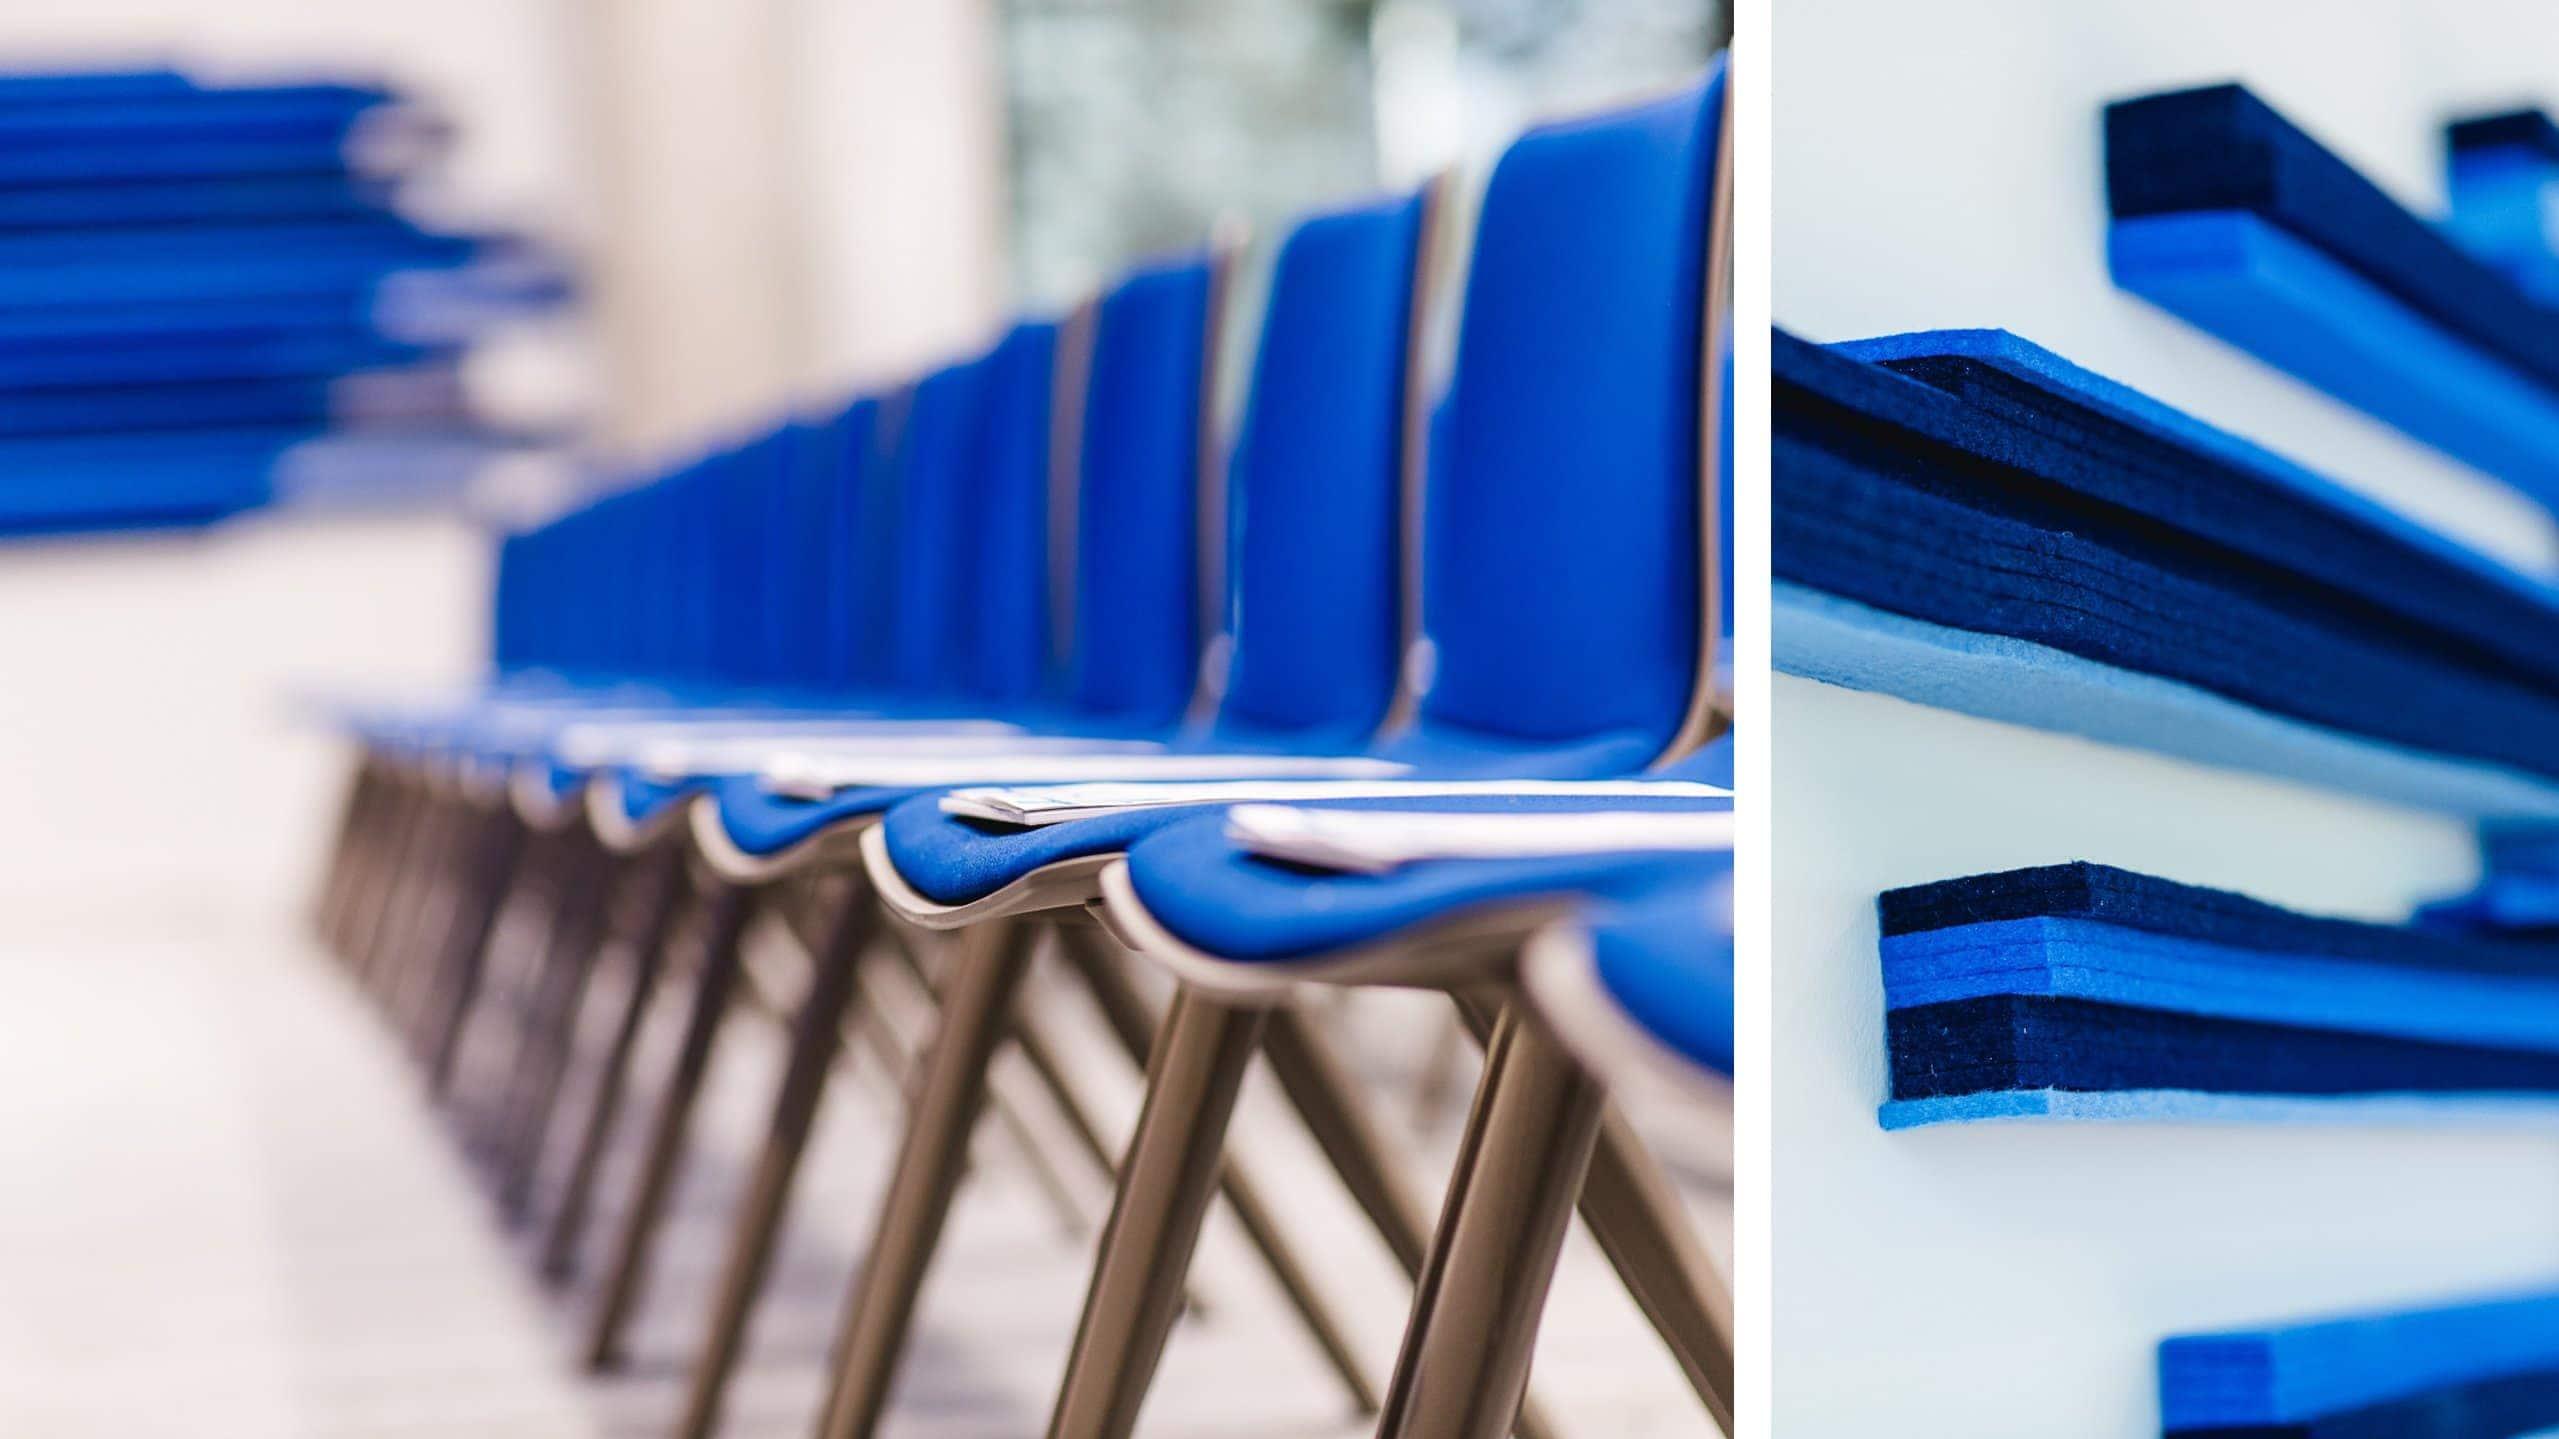 JungundWilddesign Business Architektur Interior 022